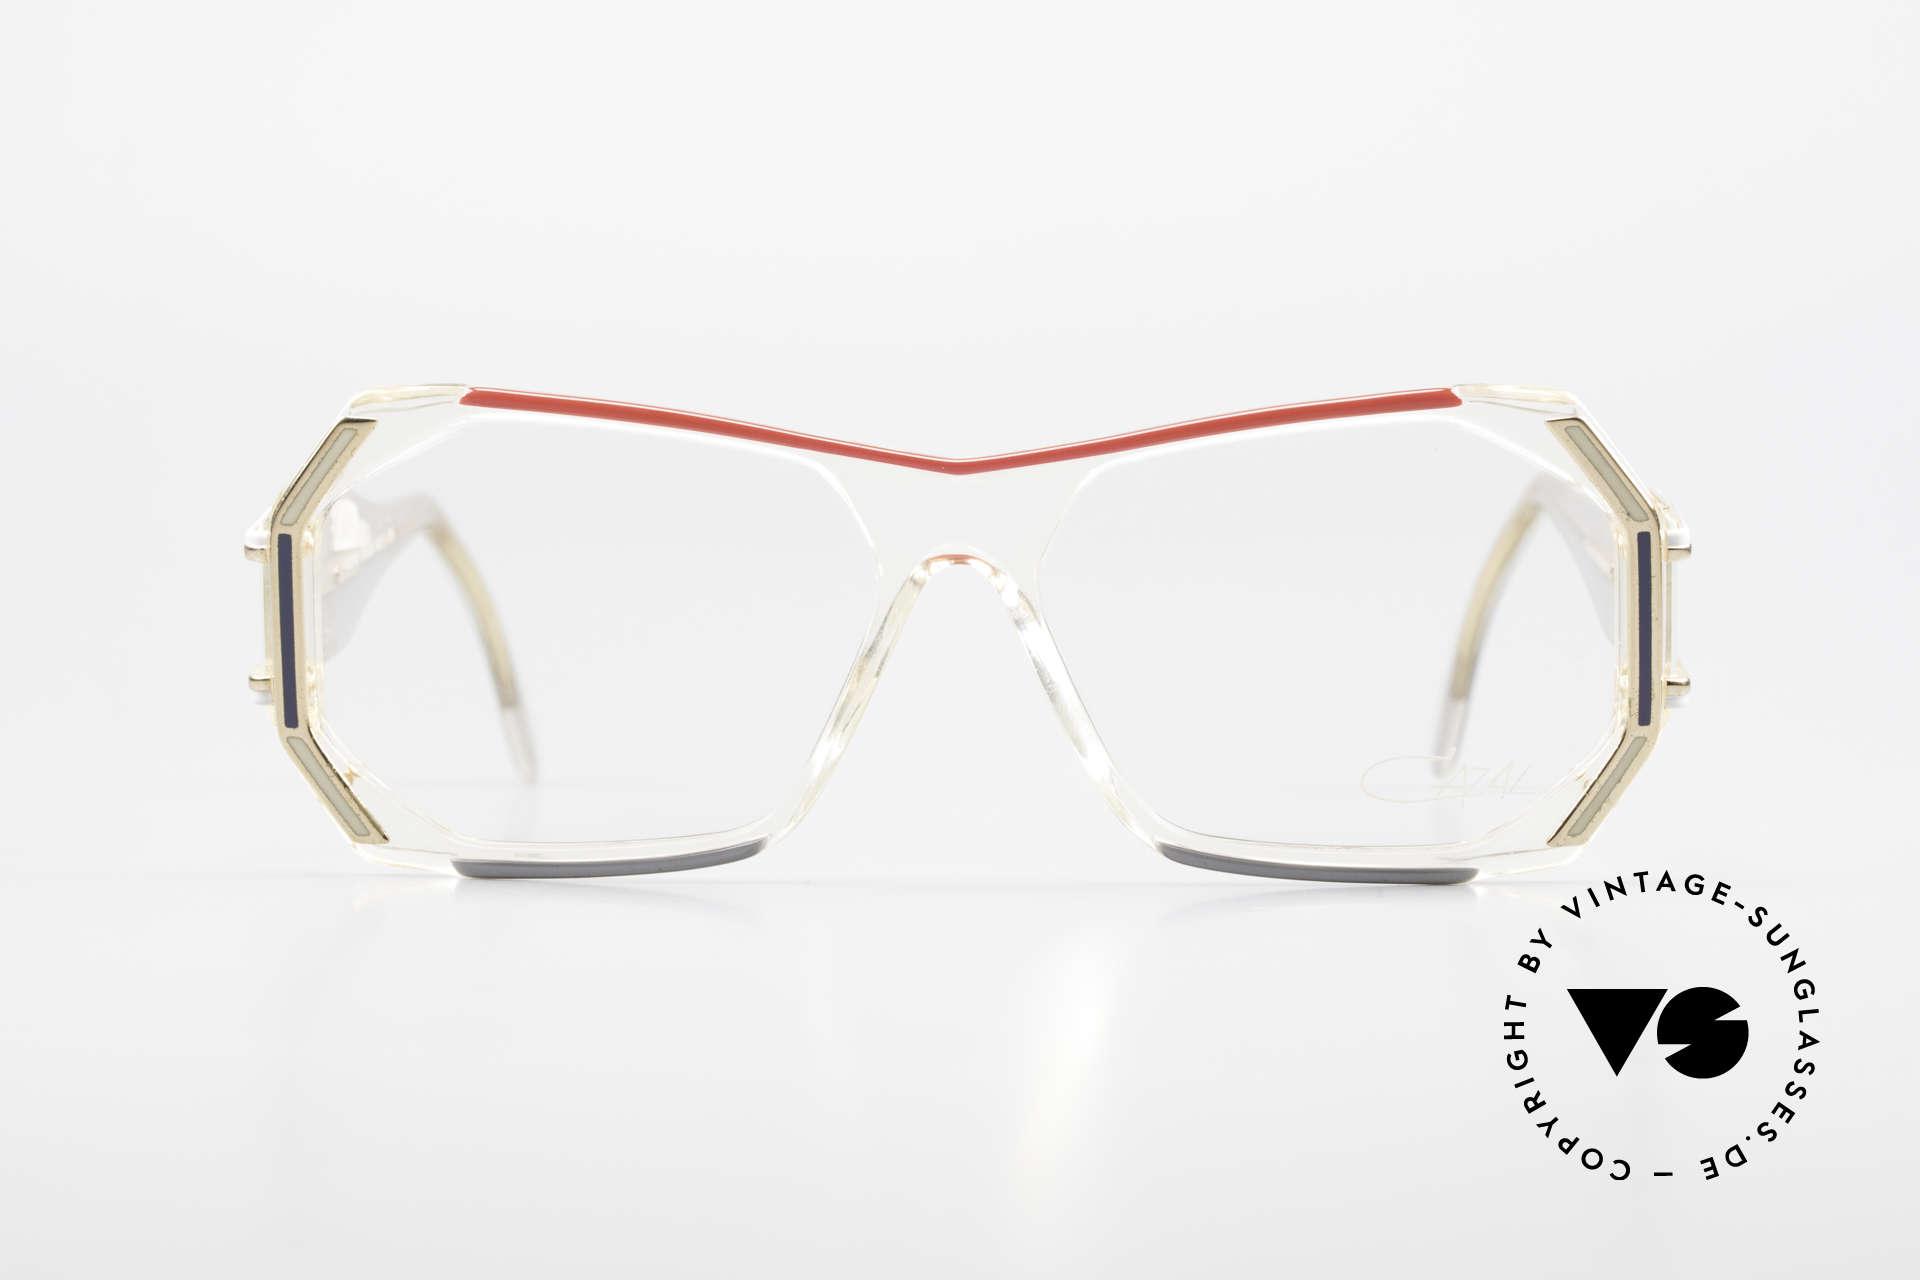 Cazal 182 80er HipHop Old School Brille, damals fester Bestandteil der US HIP-HOP Szene, Passend für Herren und Damen